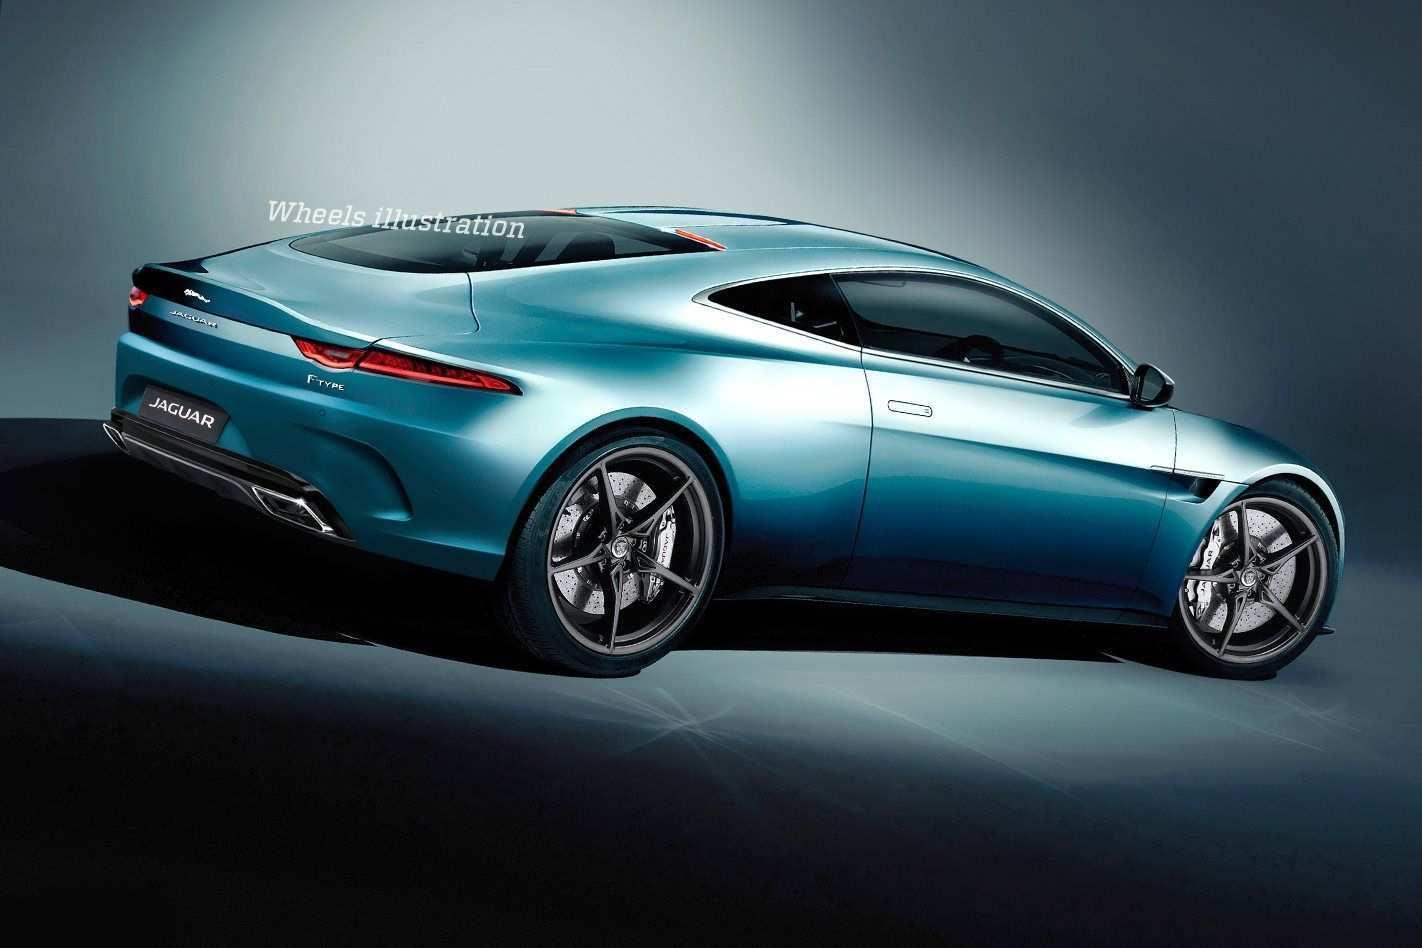 20 New Jaguar Coupe 2020 Spy Shoot with Jaguar Coupe 2020